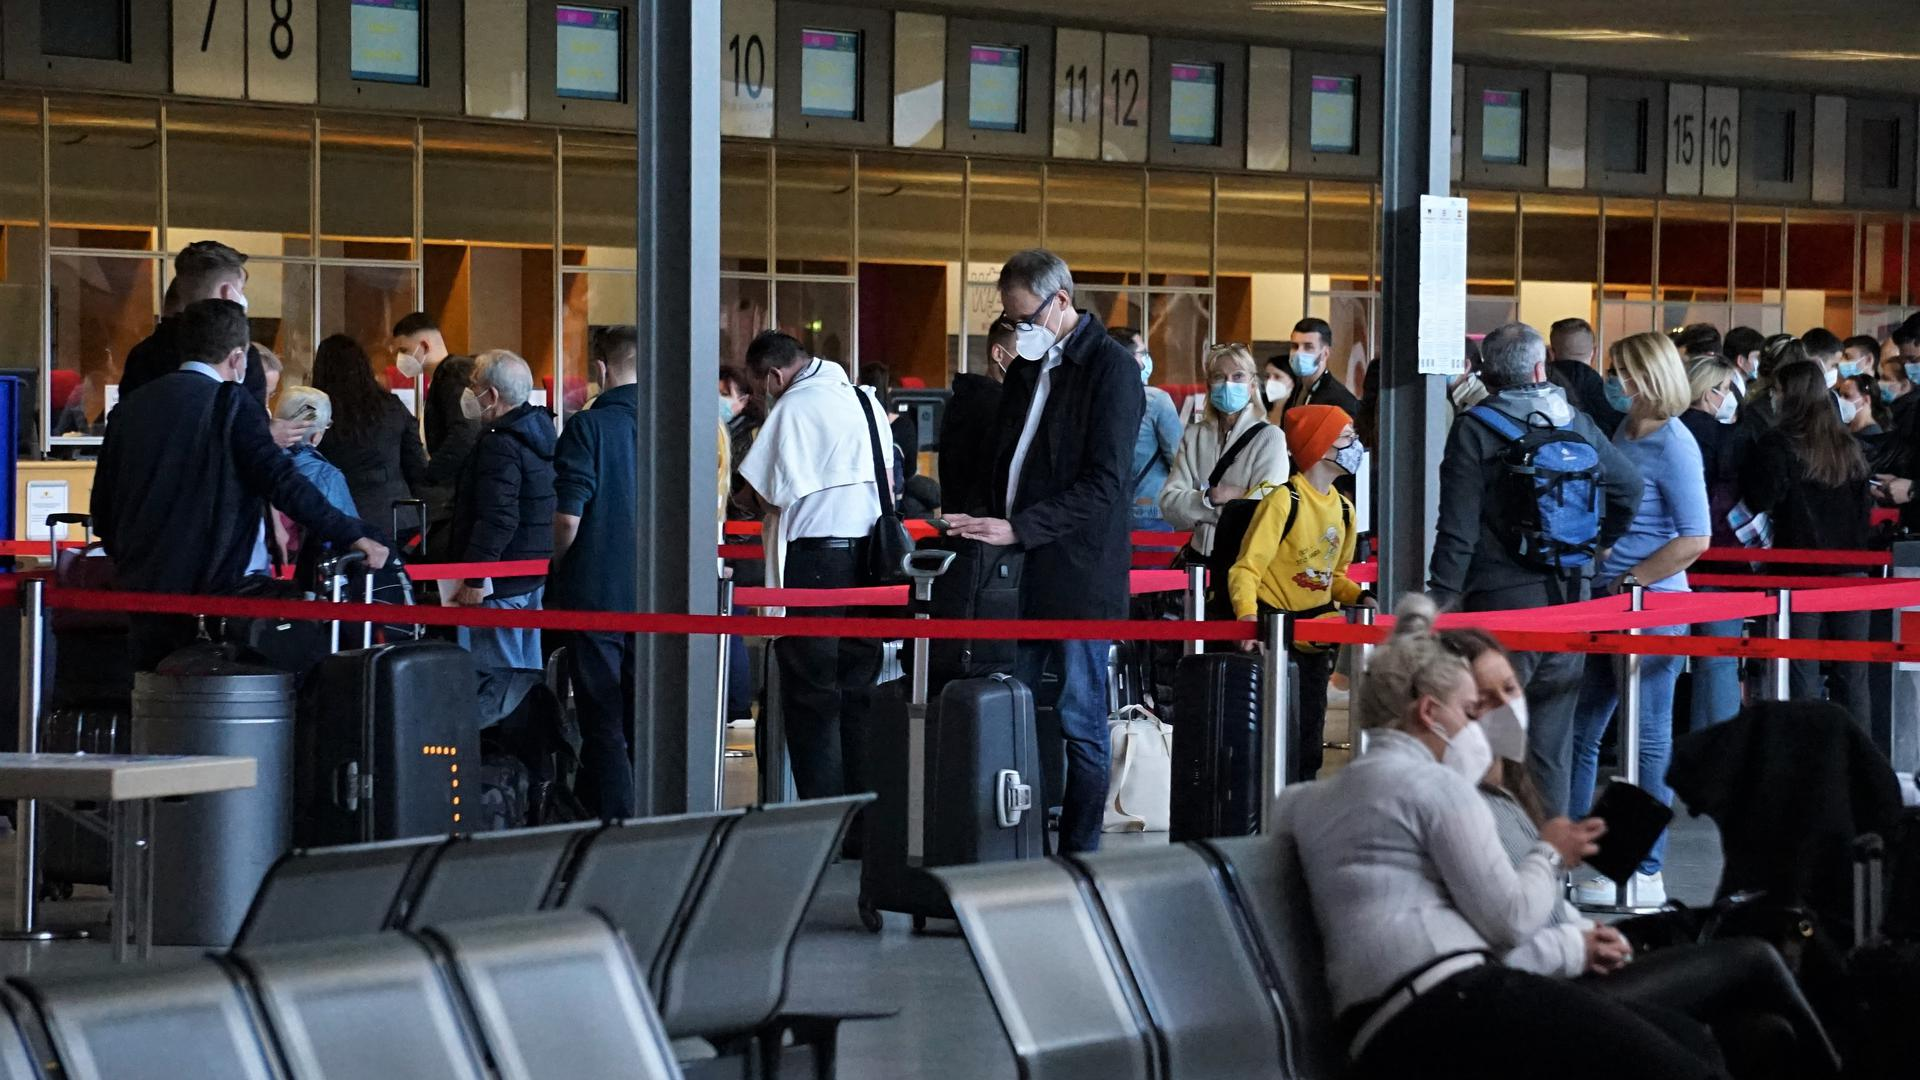 In Wartestellung: Die Schlange vor den Check-In-Schaltern  war beim Flug nach Mallorca noch überschaubar. Nicht alle gebuchten Plätze wurden  wirklich  beansprucht.